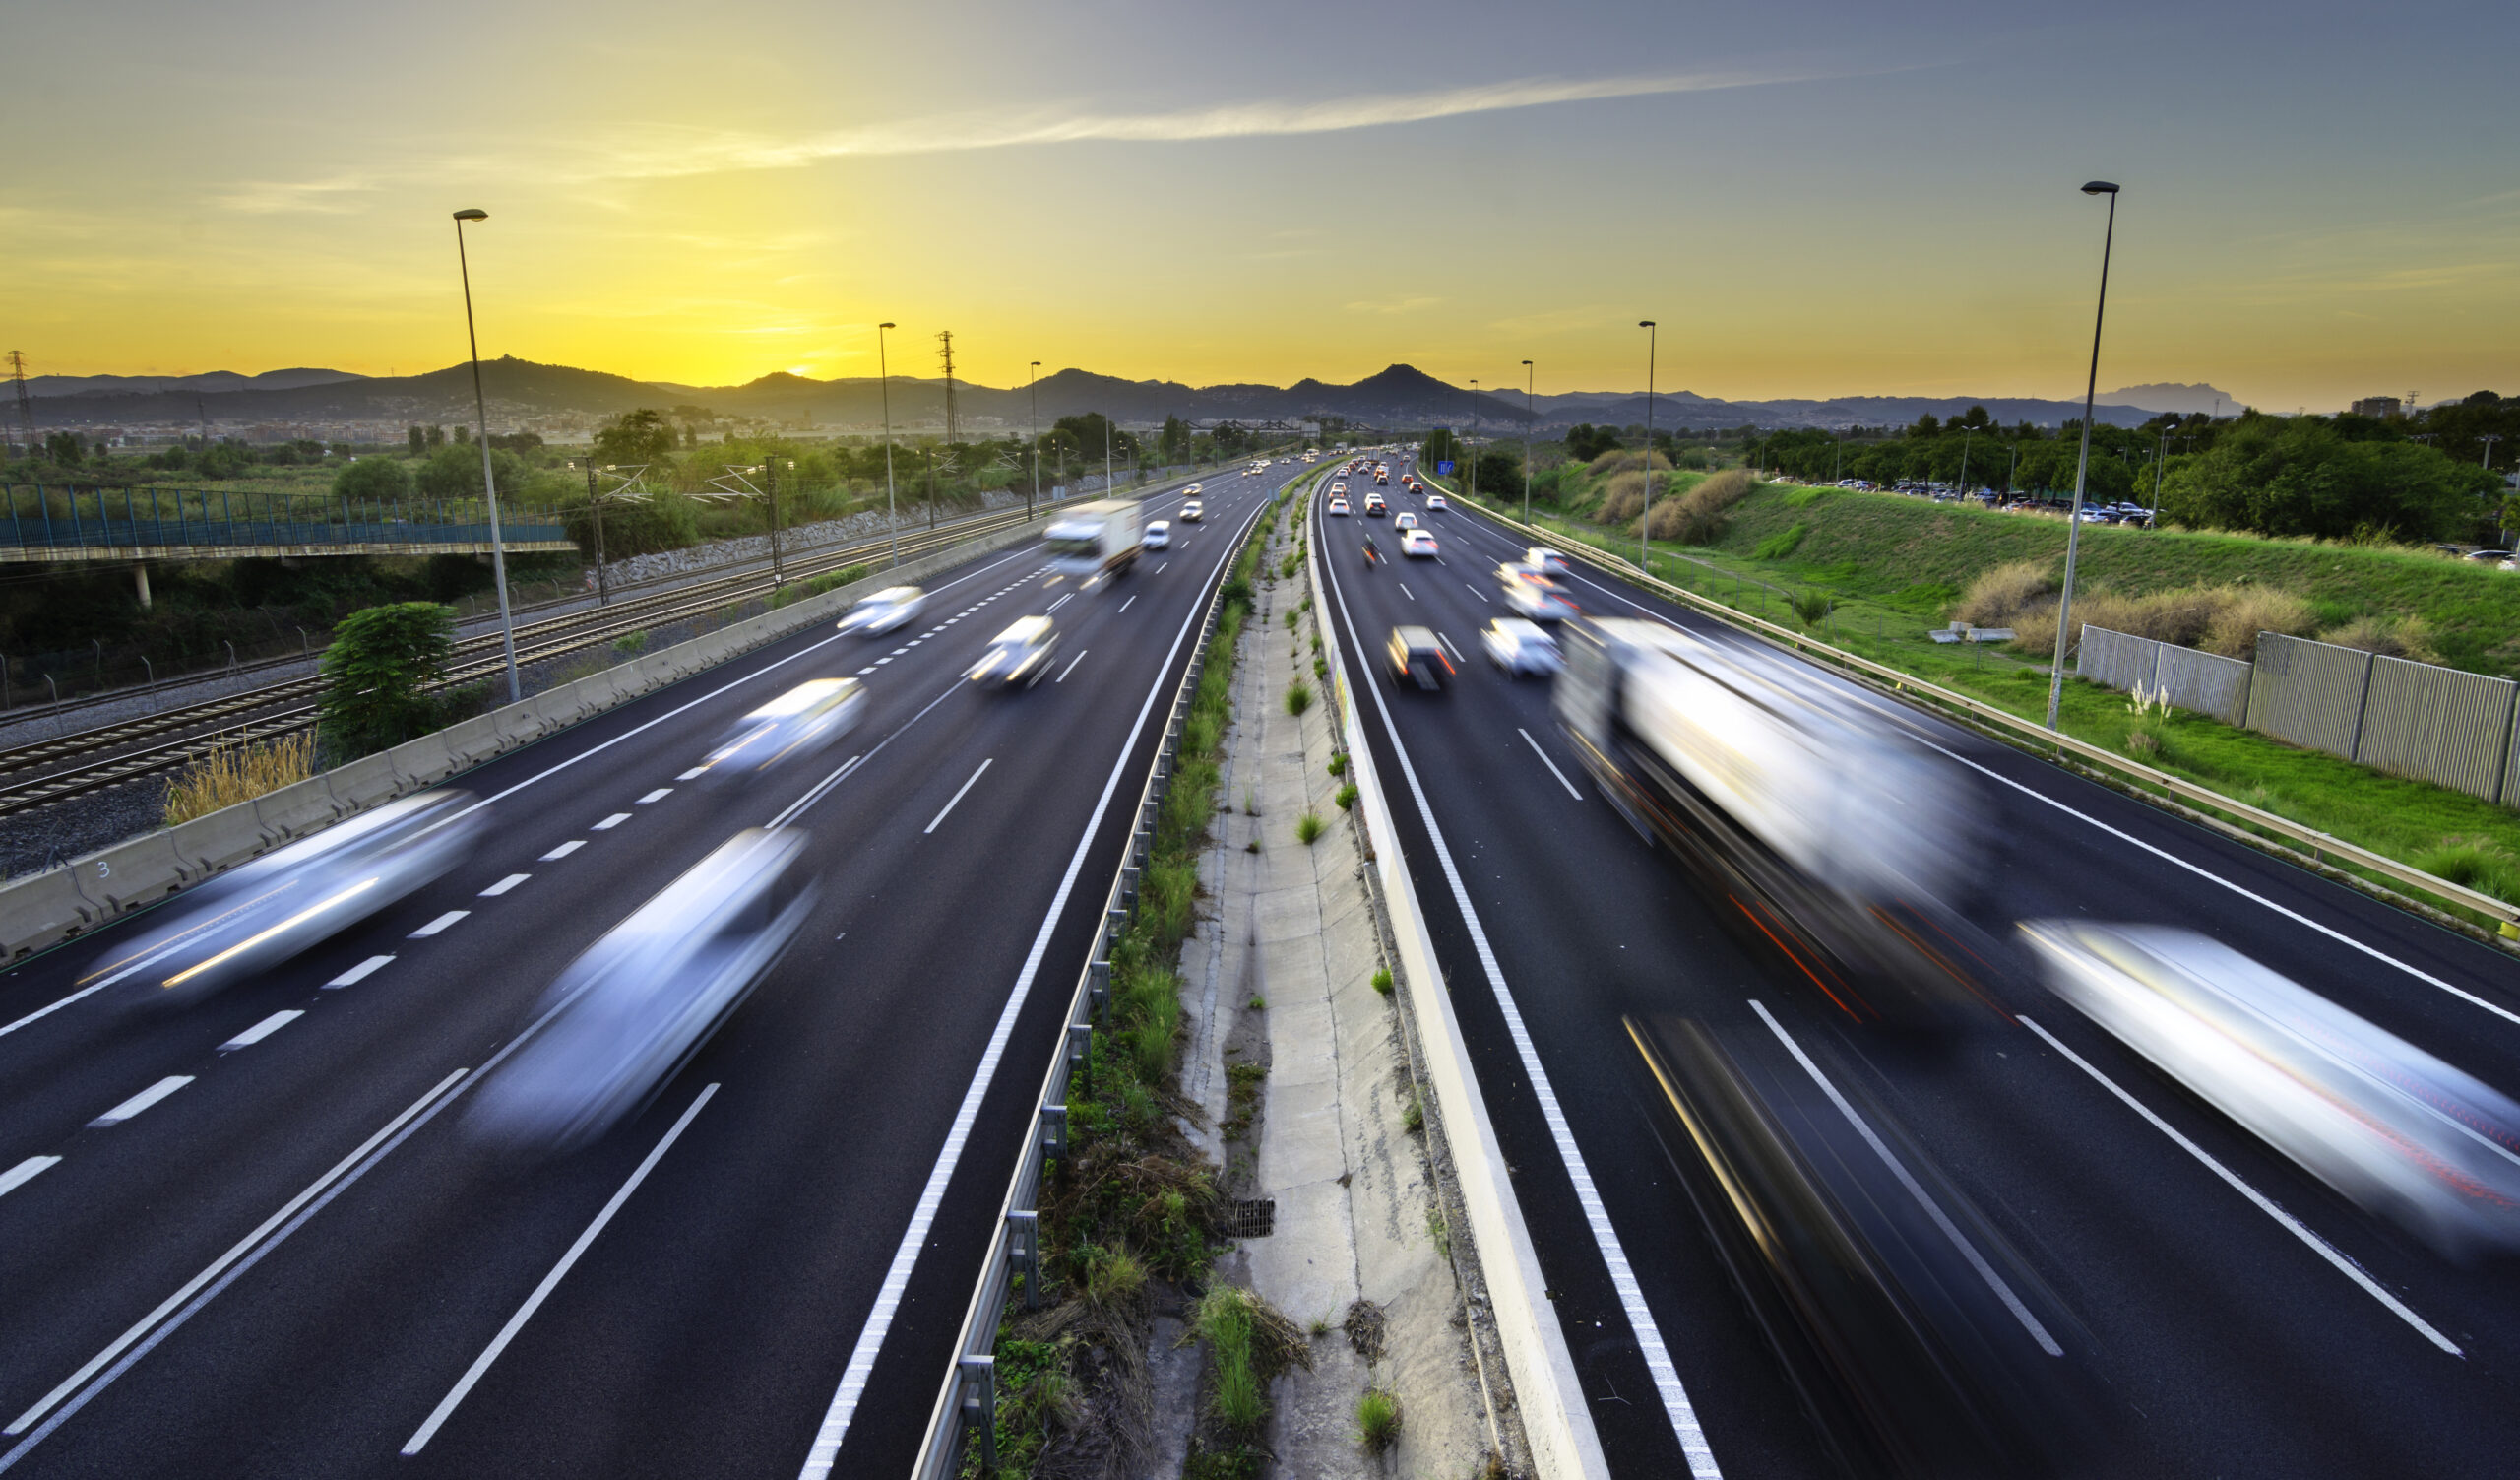 busy highway sunset vehicles coming going city stress scaled - Die Vorteile von GPS-Tracking-Systemen für unternehmerische Tätigkeiten